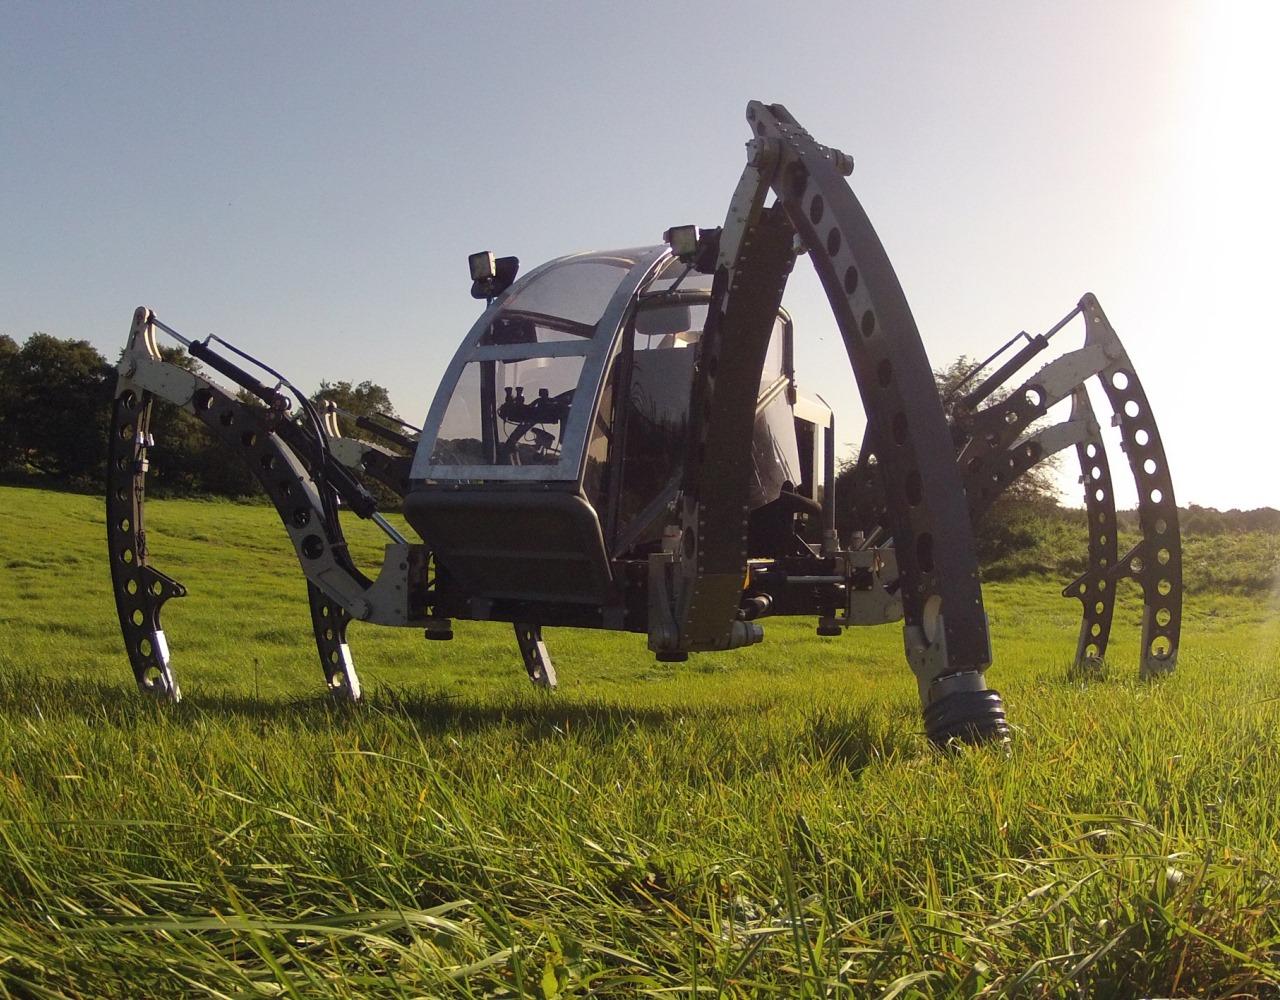 """Sześcionożny robot o nazwie """"Mantis"""" jest wykorzystywany w przemyśle filmowym, ale także w innych branżach, np. w bezzałogowych wypraw podmorskich lub do pracy w środowiskach wrażliwych na uszkodzenie ternu. Bosch Rexroth jest dostawcą kluczowych komponentów hydraulicznych oraz fachowej wiedzy w dziedzinie hydrauliki dla tego robota. (Zdjęcie: Matt Denton, Micromagic Systems)"""